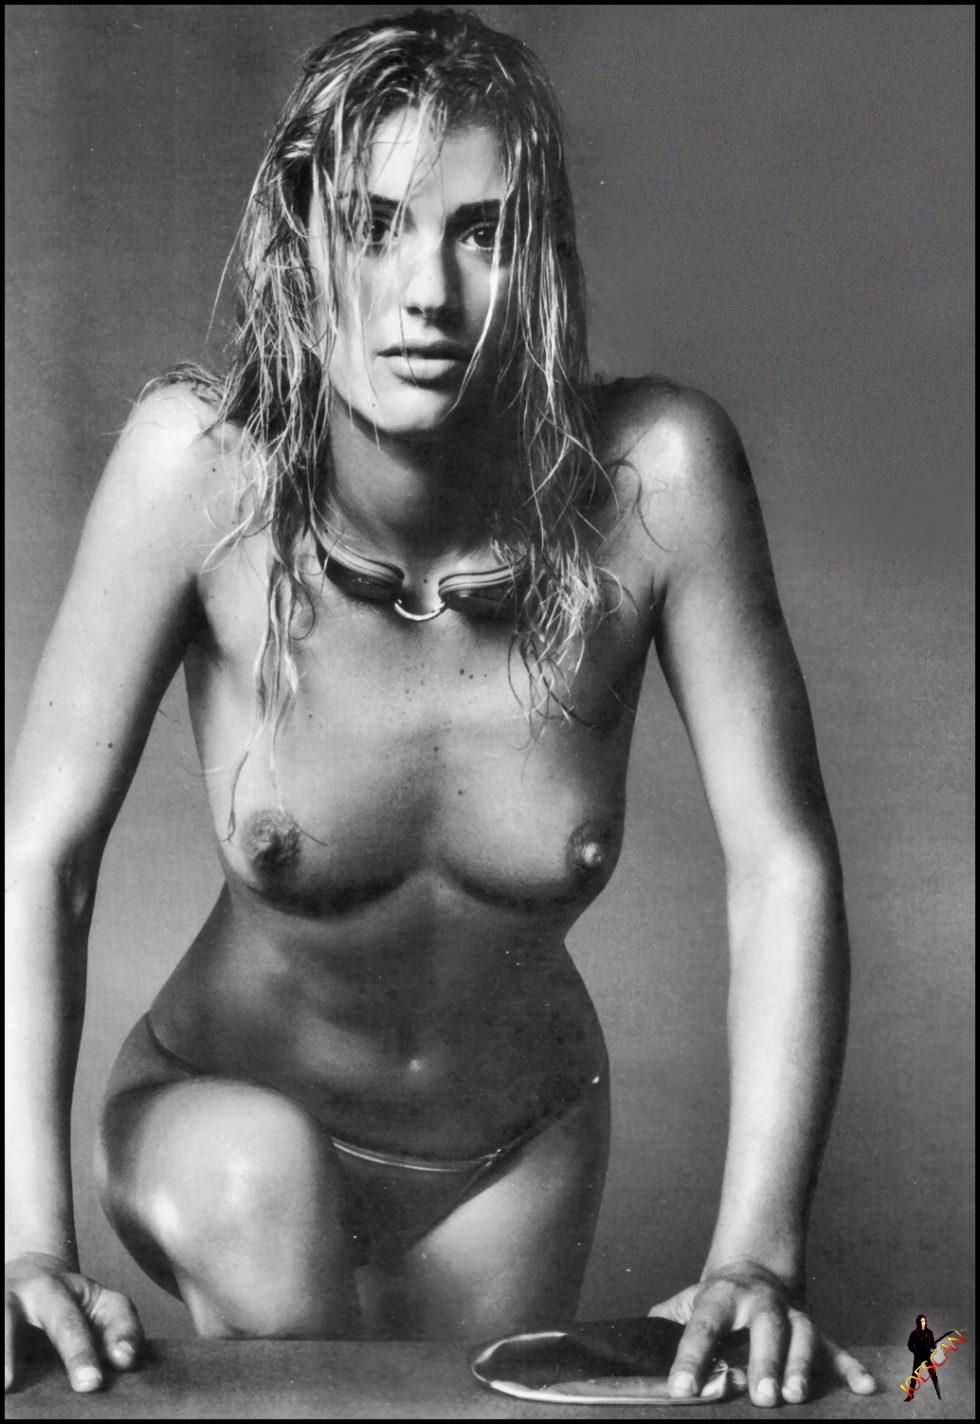 vanessa decker nahé sportovkyně